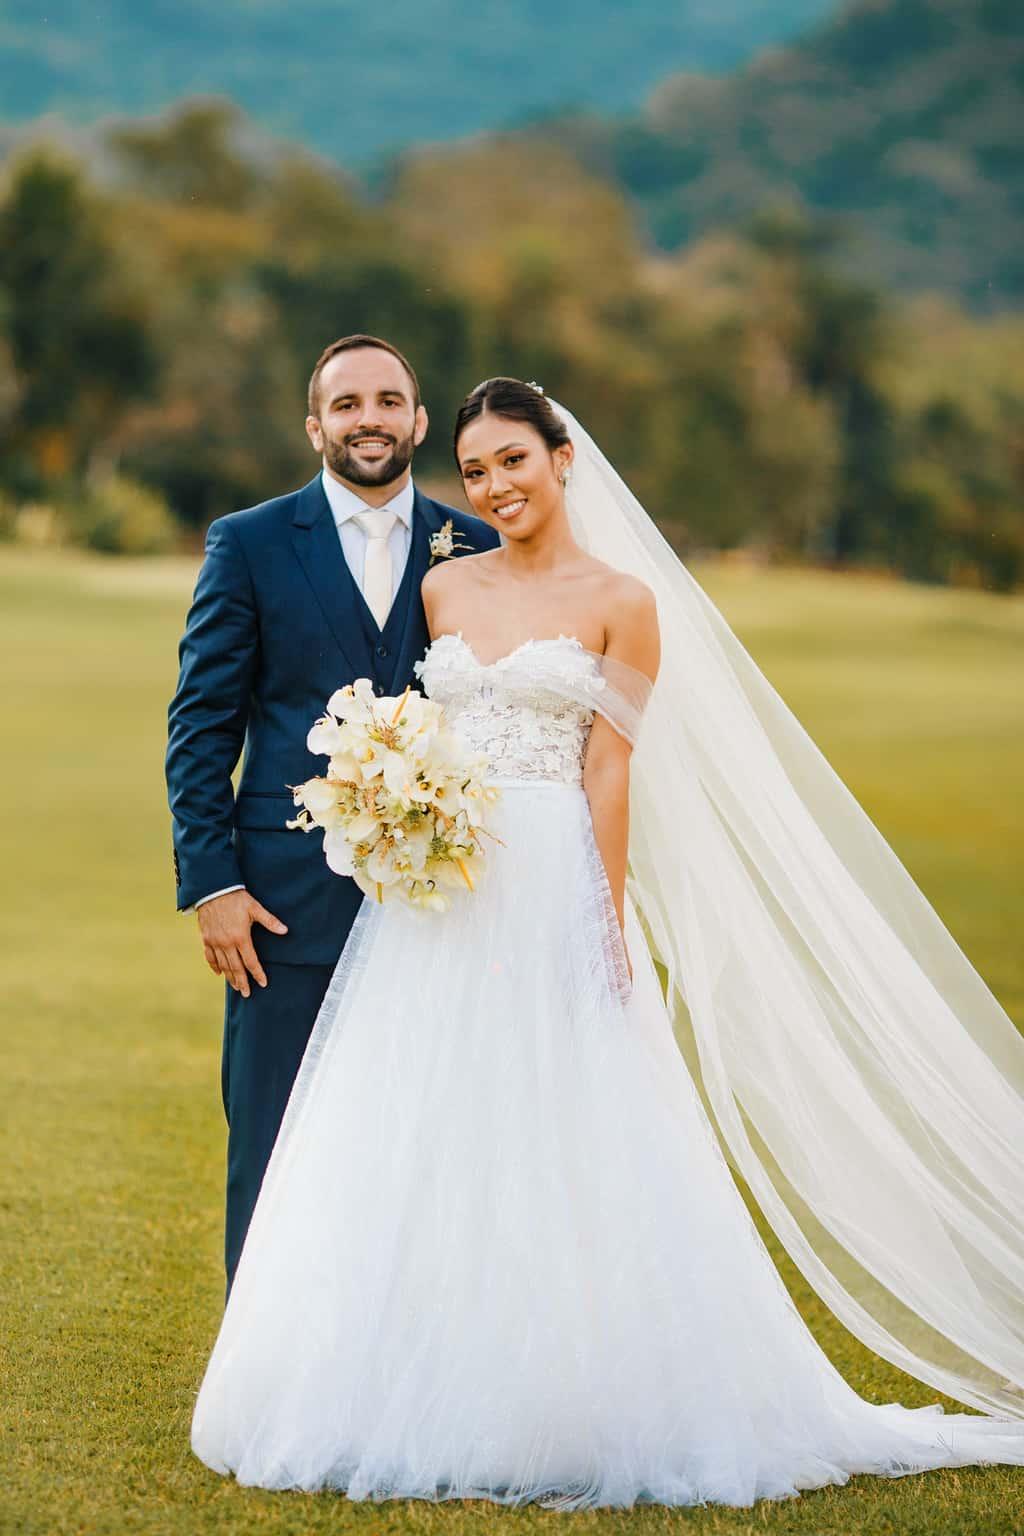 Casamento-Alissa-e-Gustavo-Cerimonial-Manu-Goncalez-Decor-Andrea-Kapps-Fasano-Angra-dos-Reis-Foto-VRebel-fotos-do-casal3701-1